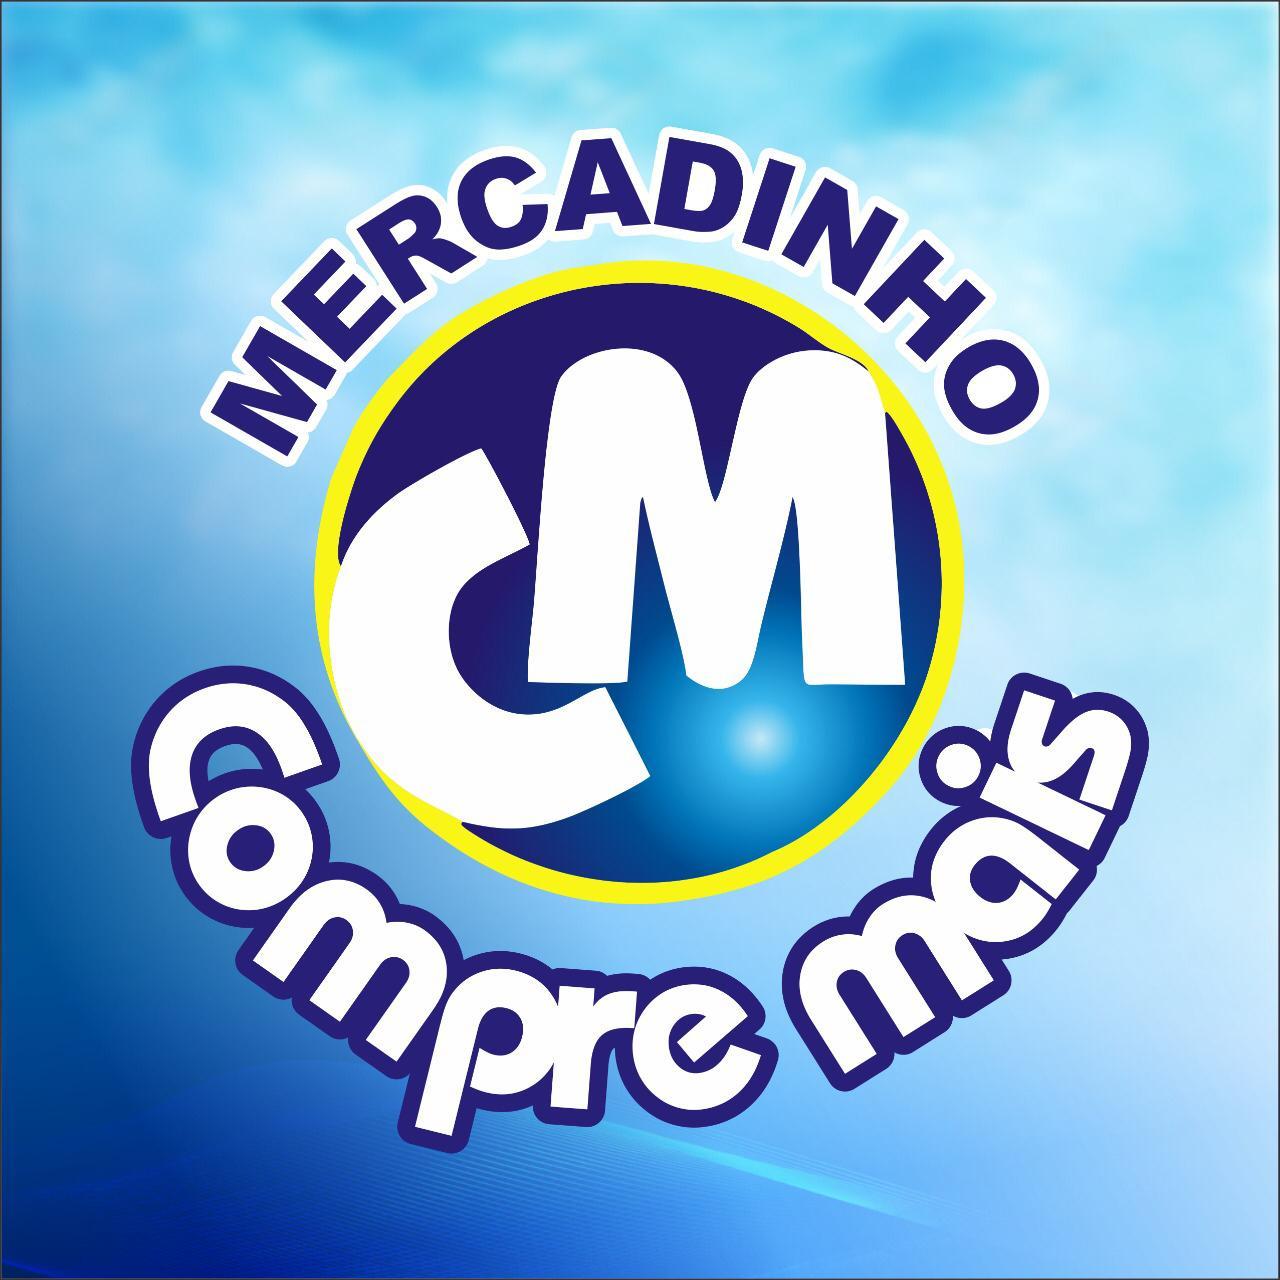 MERCADINHO COMPRE MAIS!